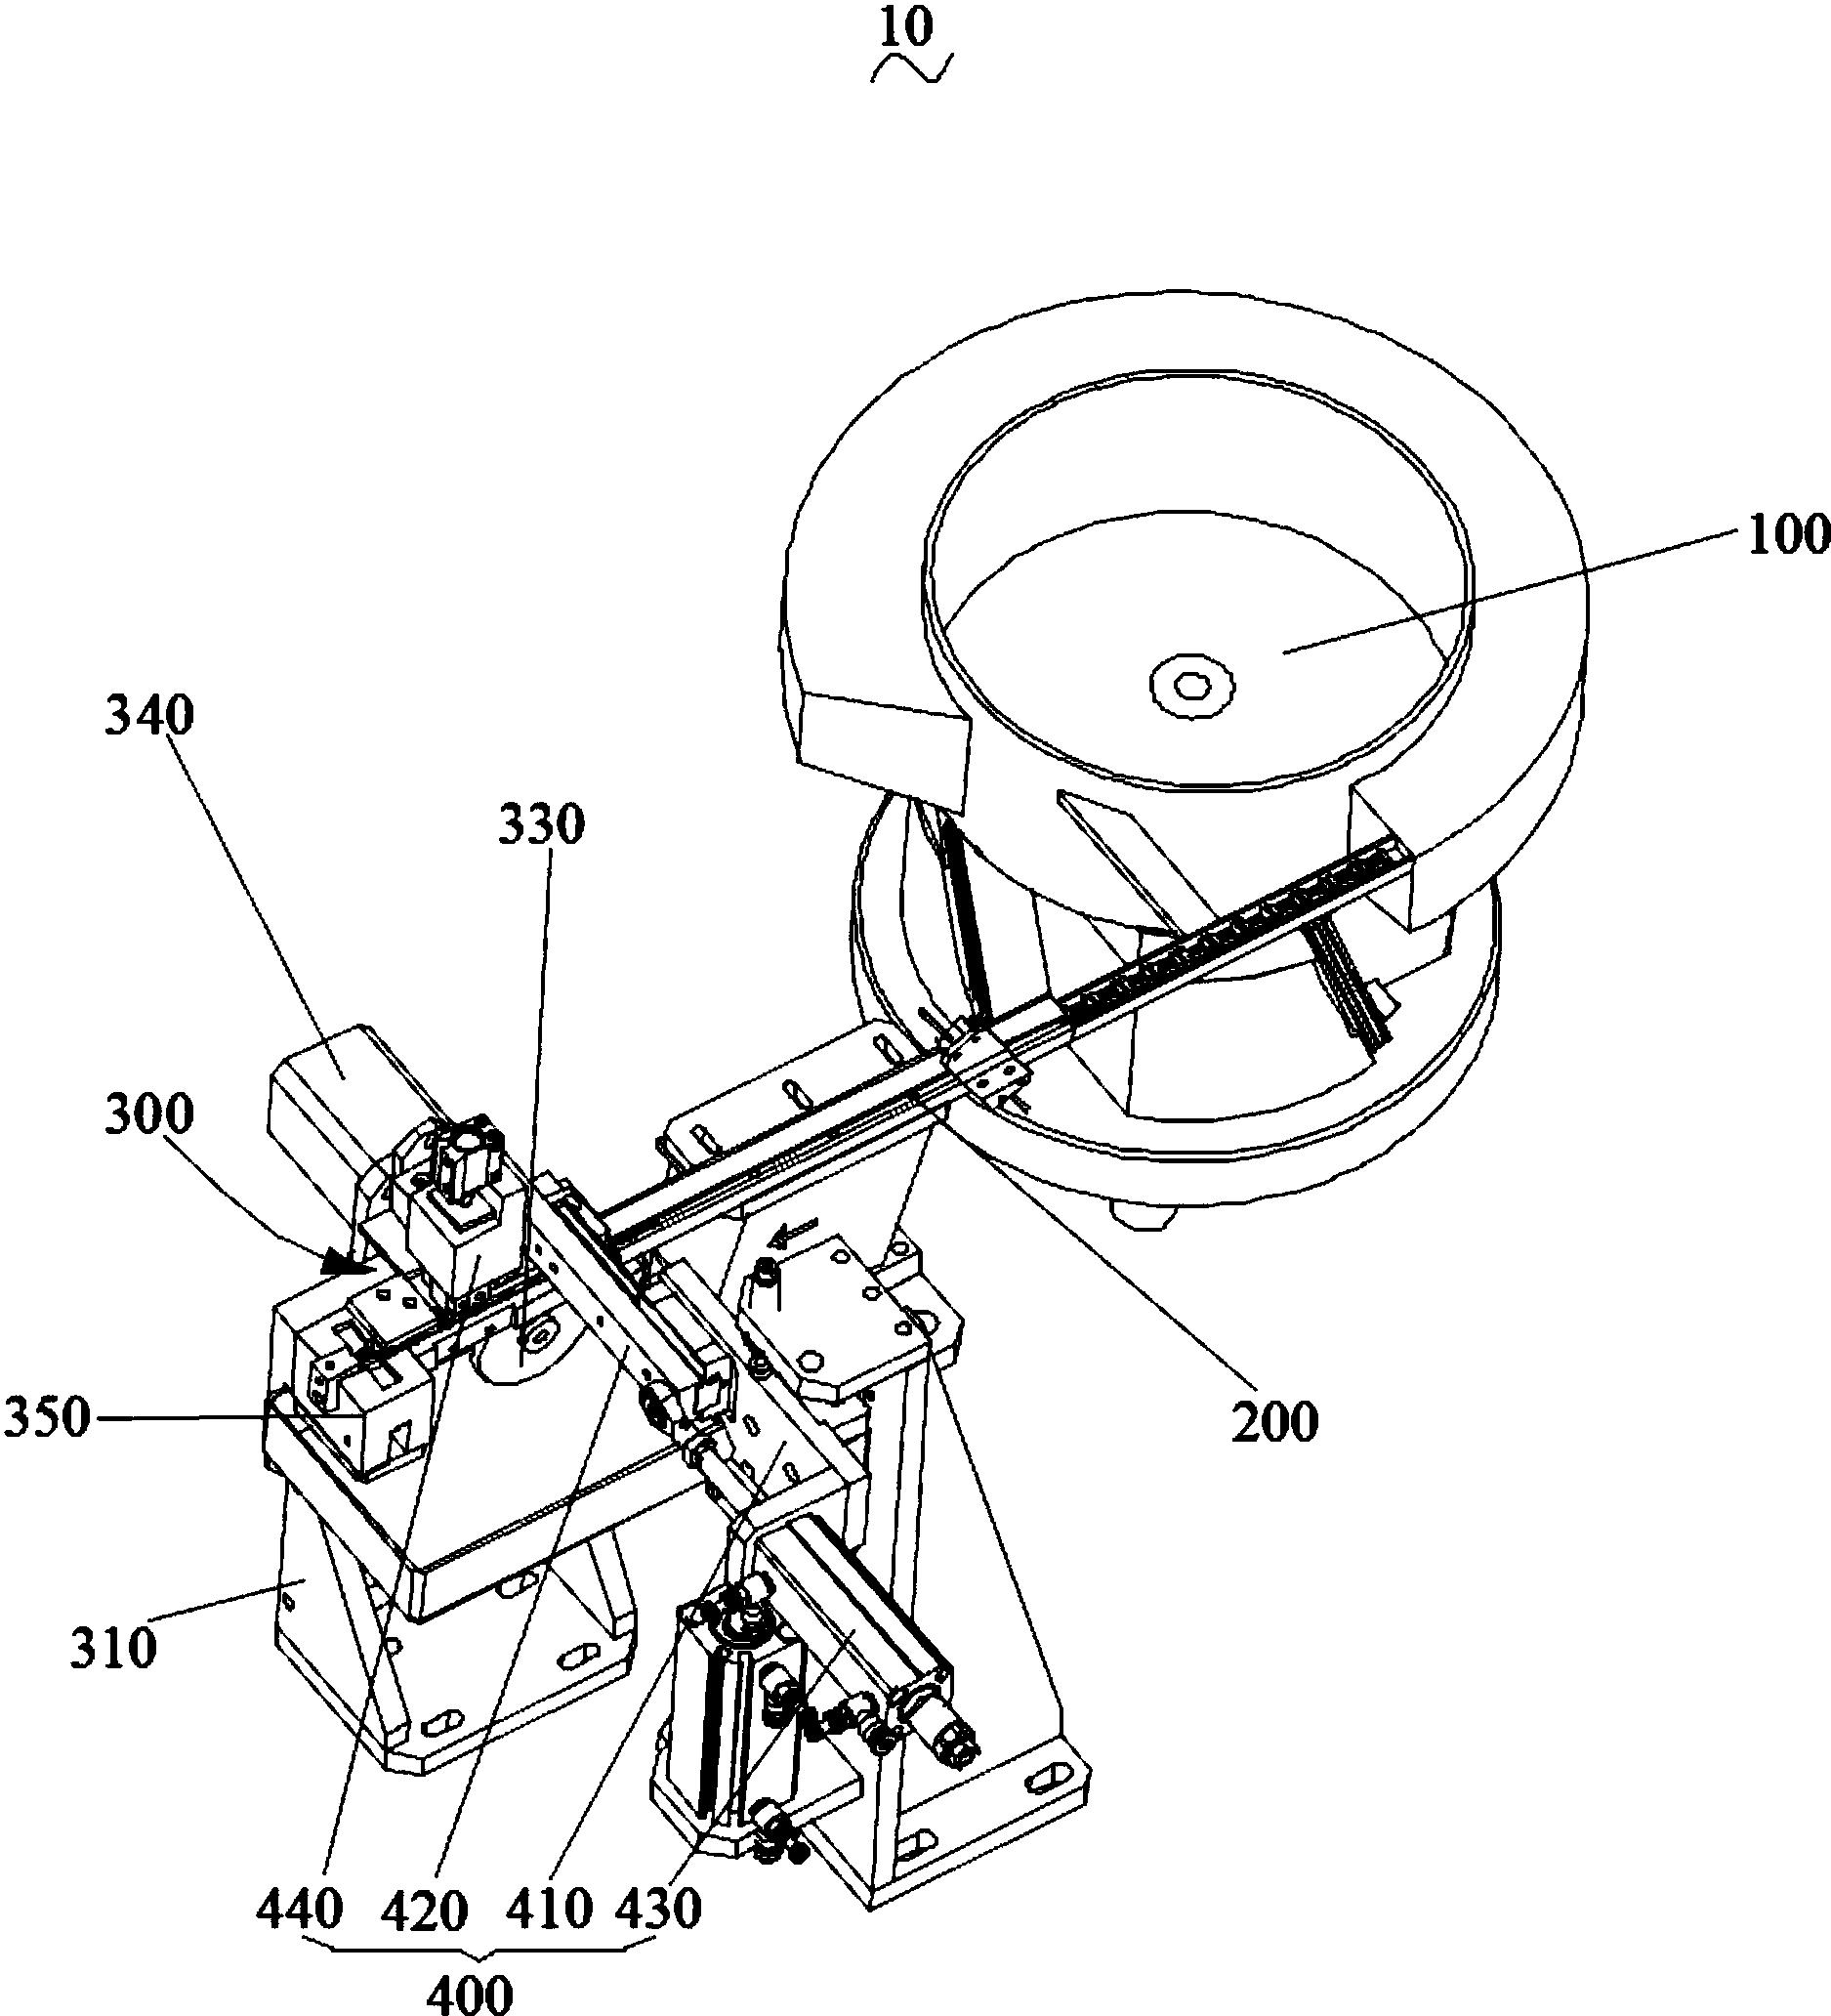 cn107717662a_一种具有打磨毛刺功能的滤波器外壳传送装置在审